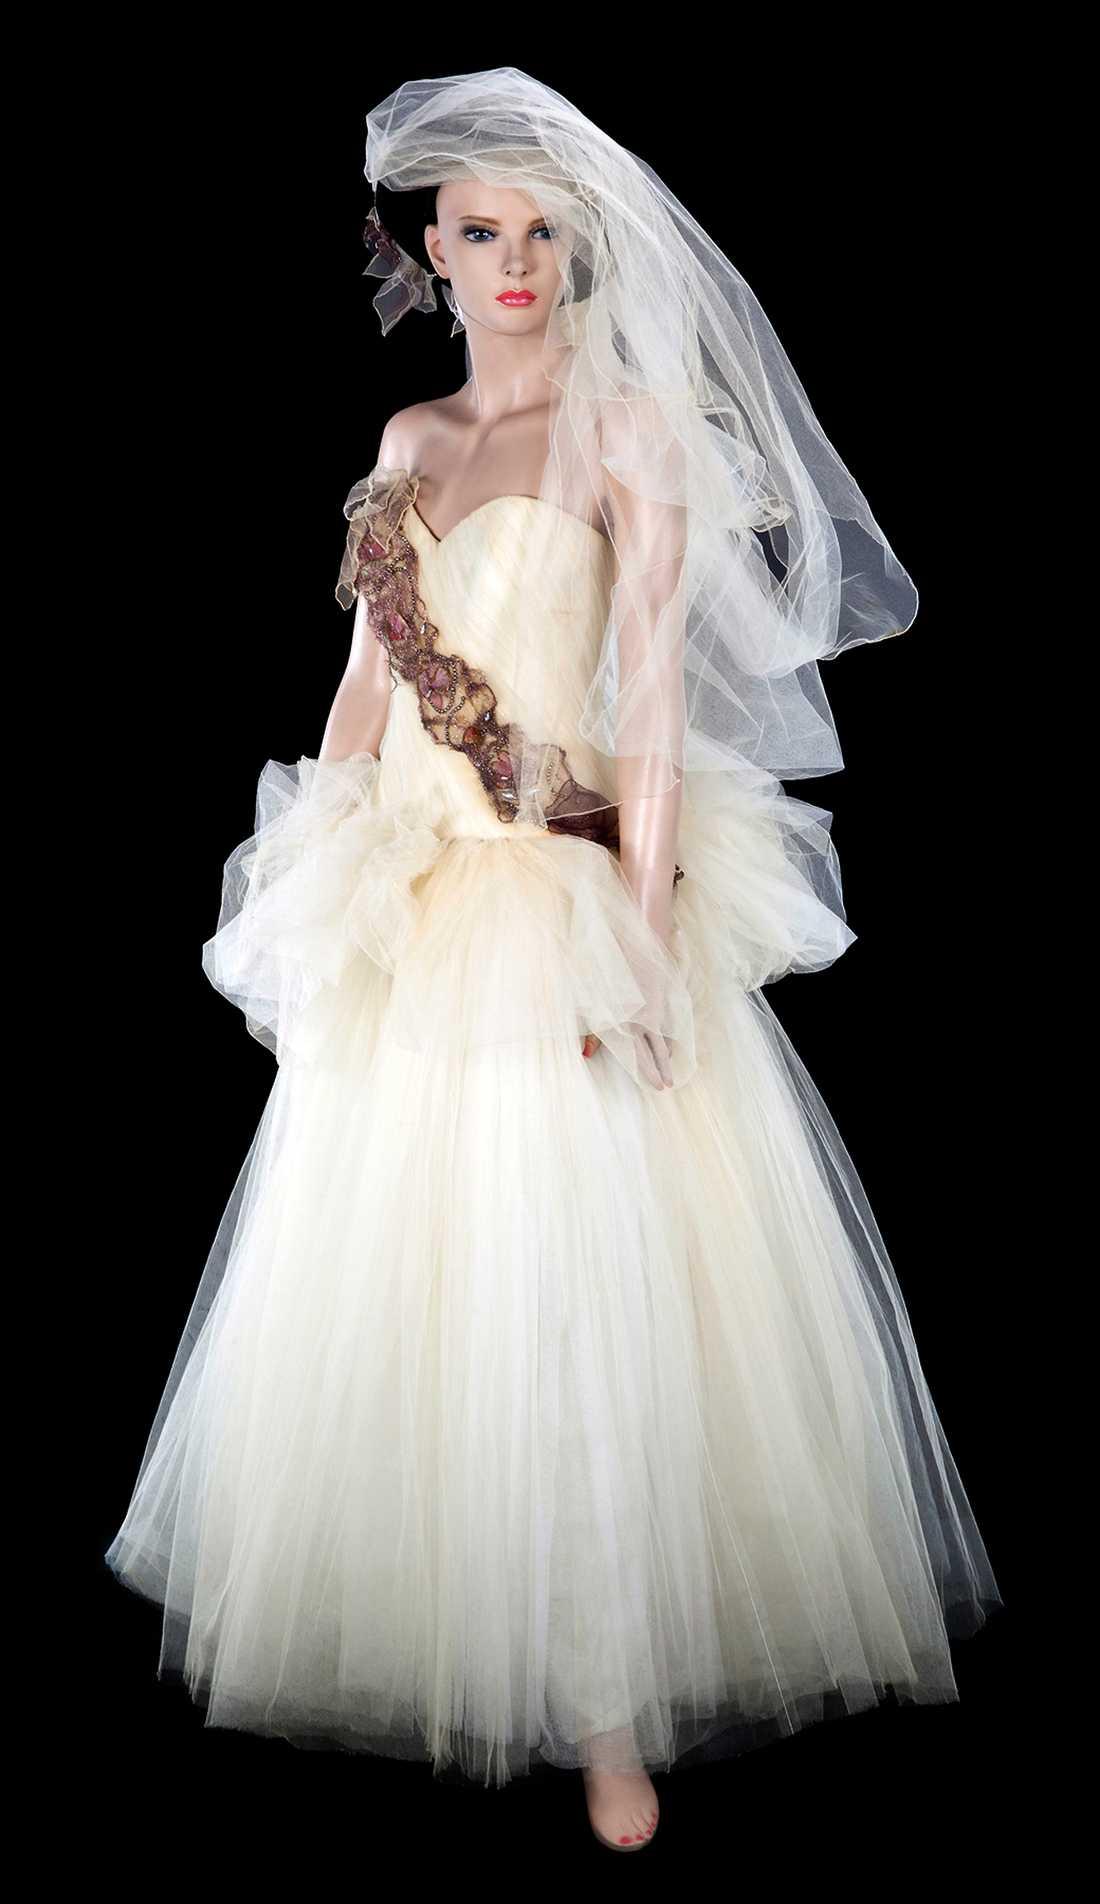 54c47823904d Madonna säljer sin brudklänning | Aftonbladet